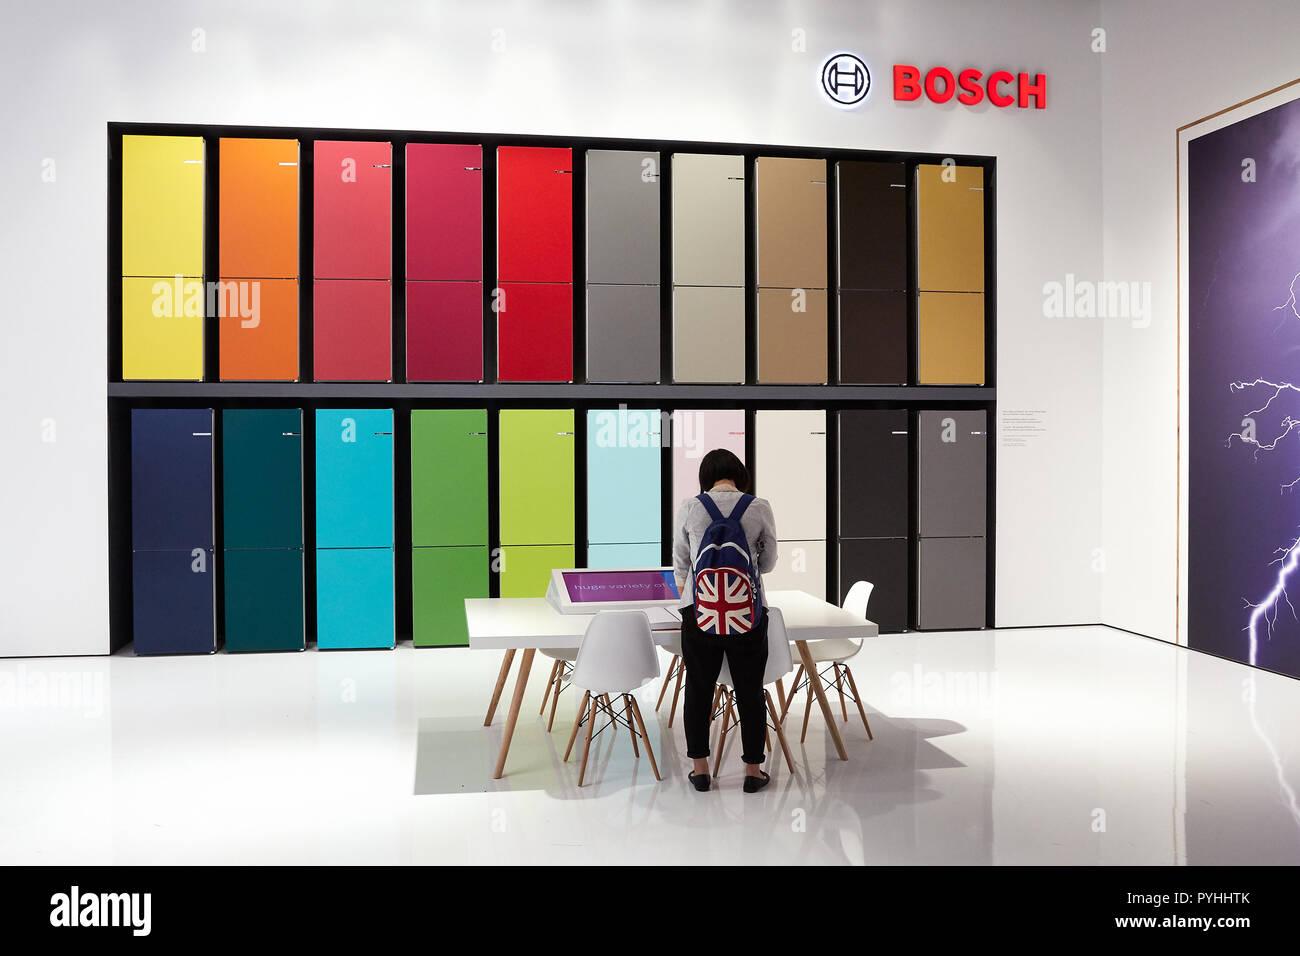 Bosch Vario Style Kühlschrank : Berlin deutschland die deutsche firma bosch seine innovationen